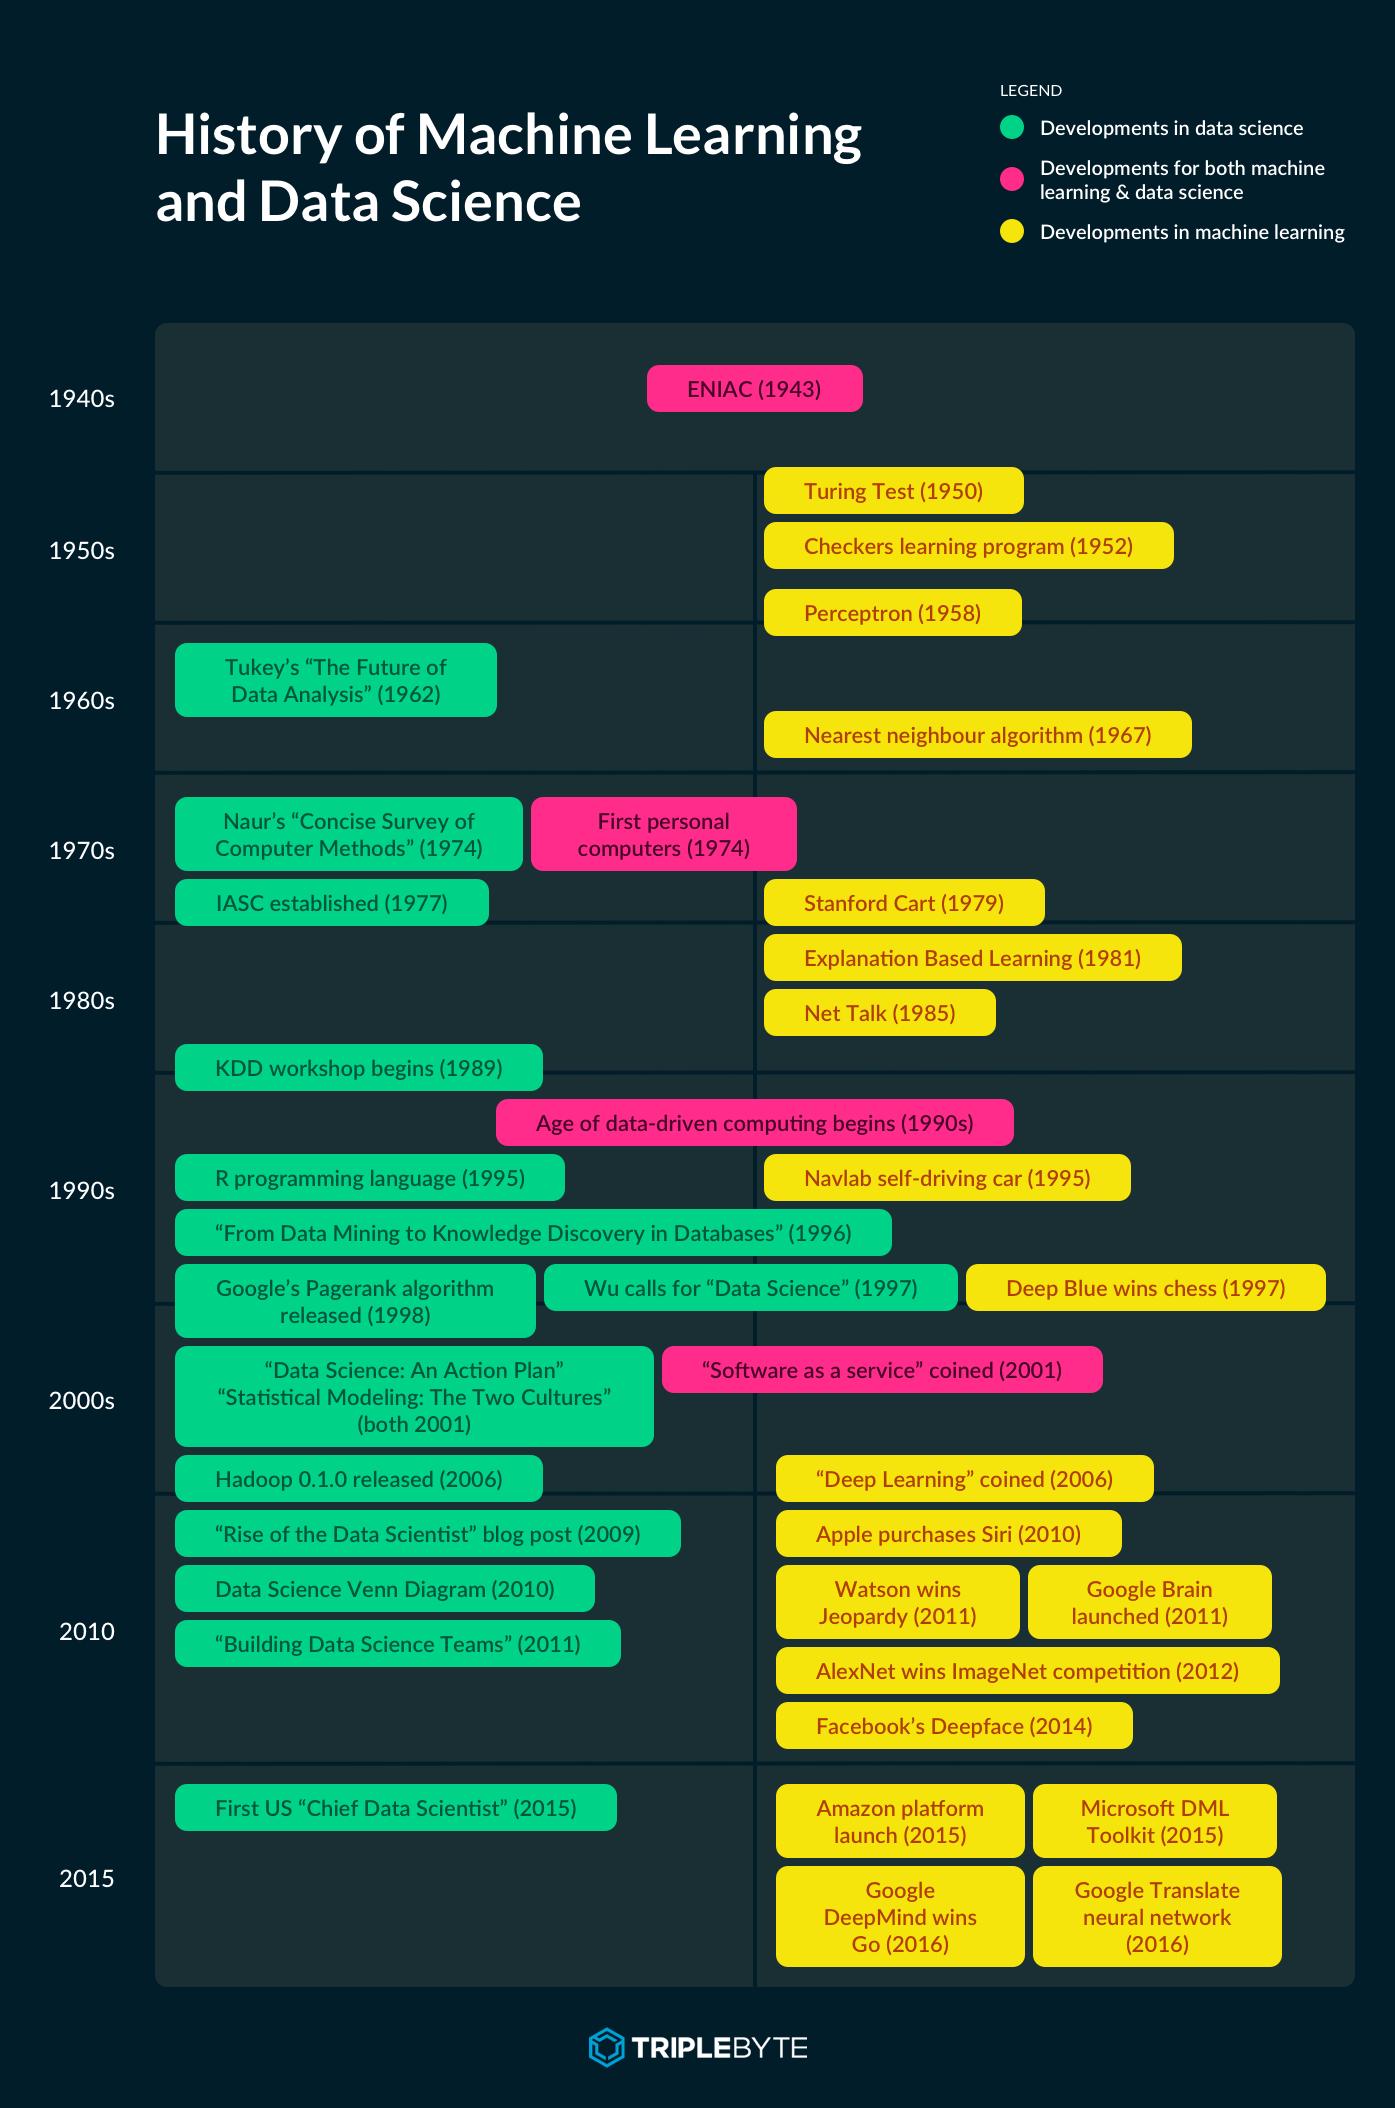 historyofMLDS-timeline.png